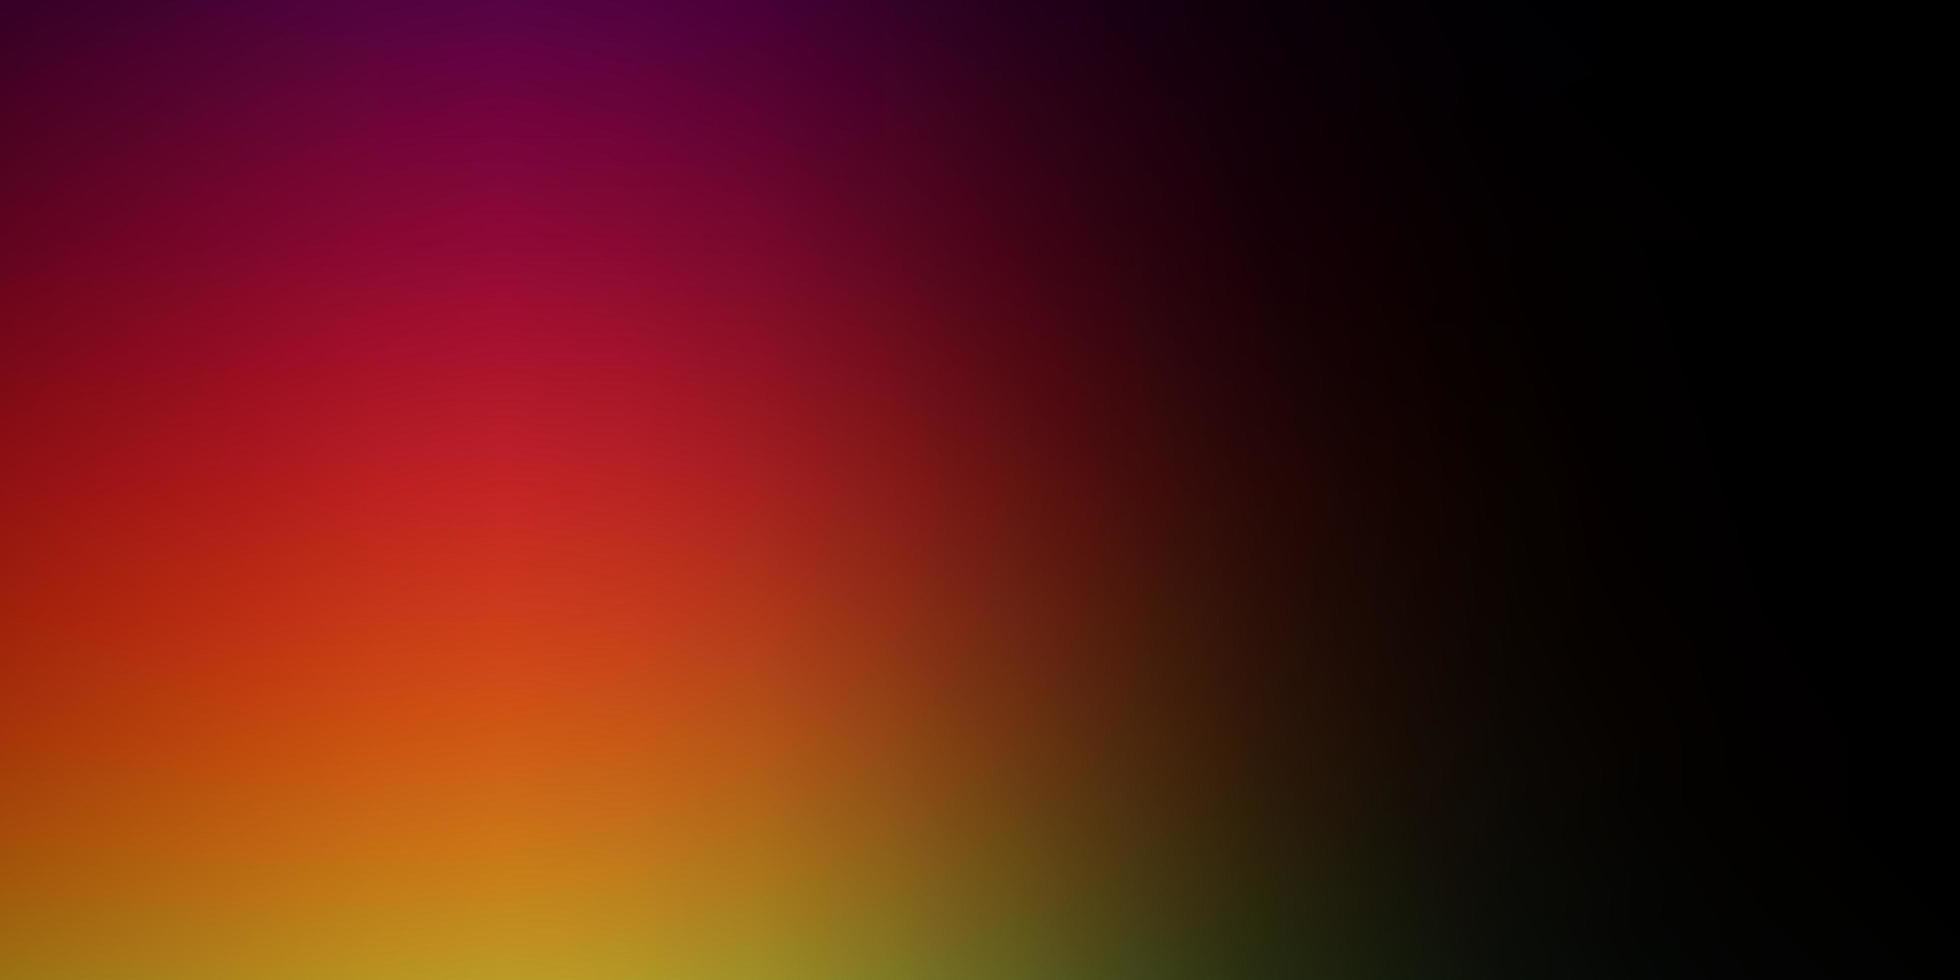 sfondo sfocato astratto vettoriale multicolore scuro.